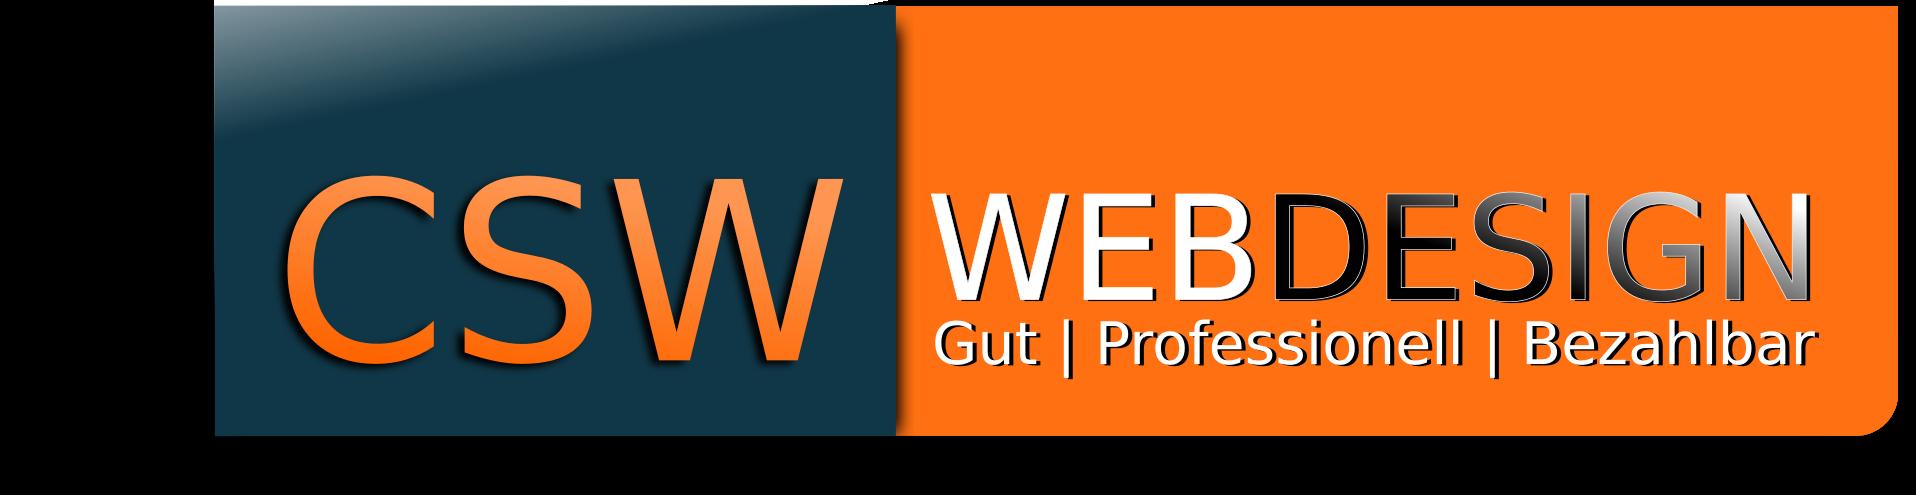 CSW Webdesign | Bezahlbare & Professionelle Webseite für Sie